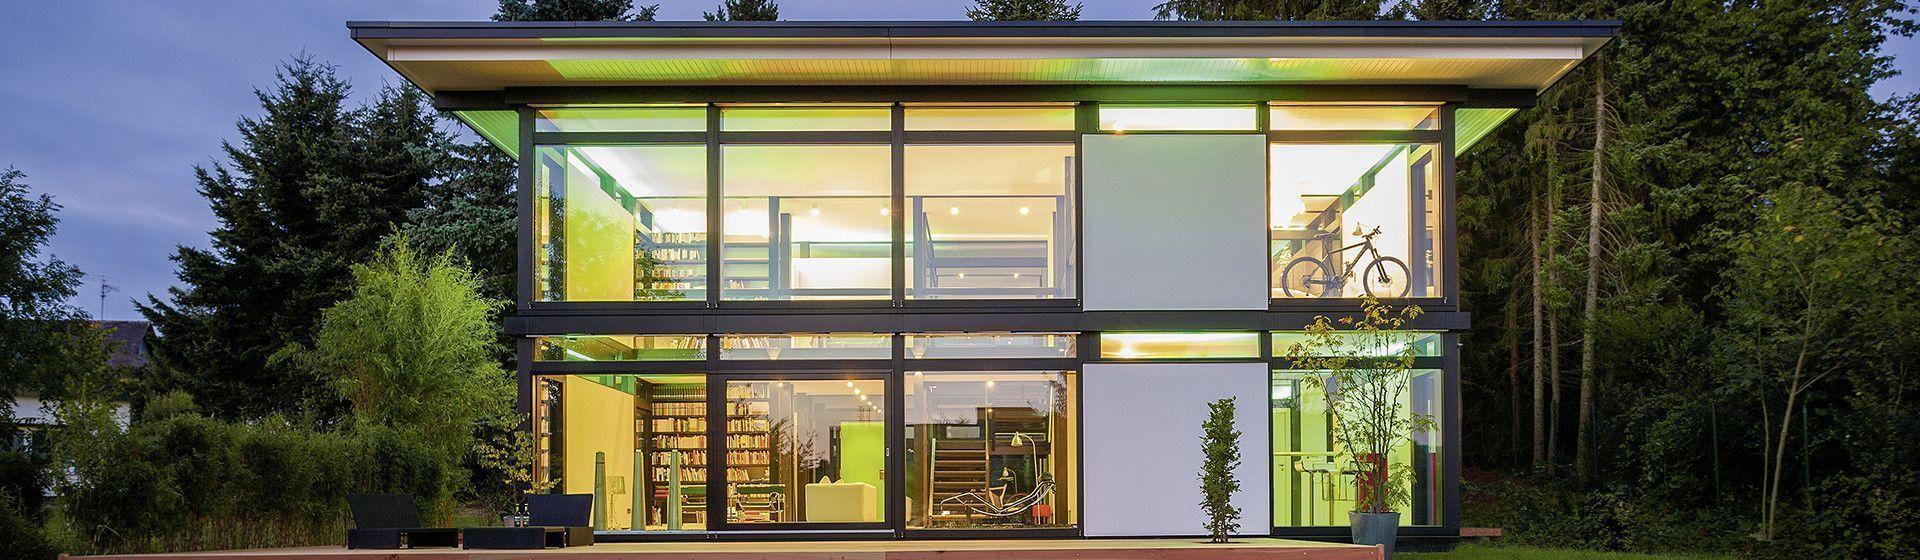 ▷ HUF Haus MODUM | Die Neuinterpretation im Fachwerkbau